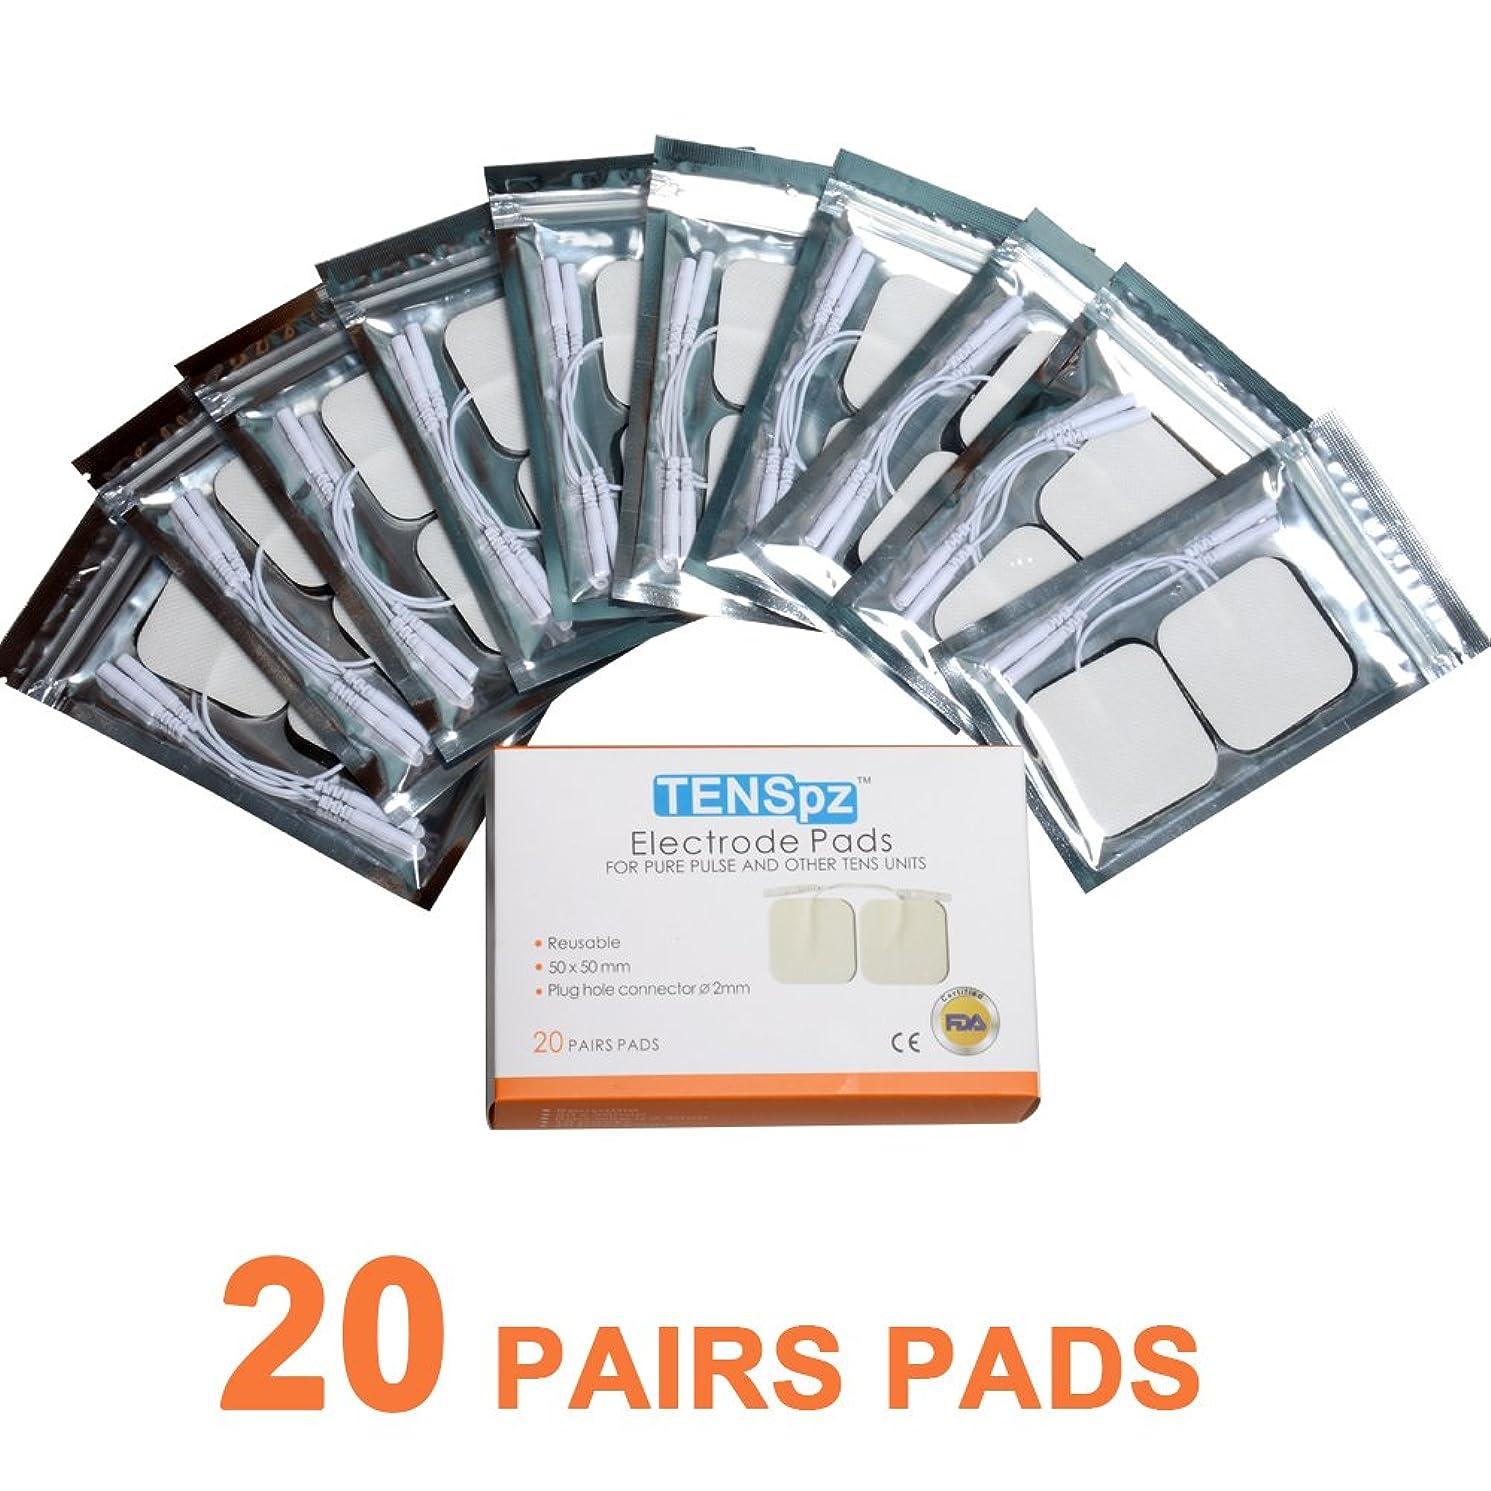 姿勢移民仕出しますTens pz 粘着パッド 低周波用 5*5cm電極パッド ,10袋,4枚入り/袋